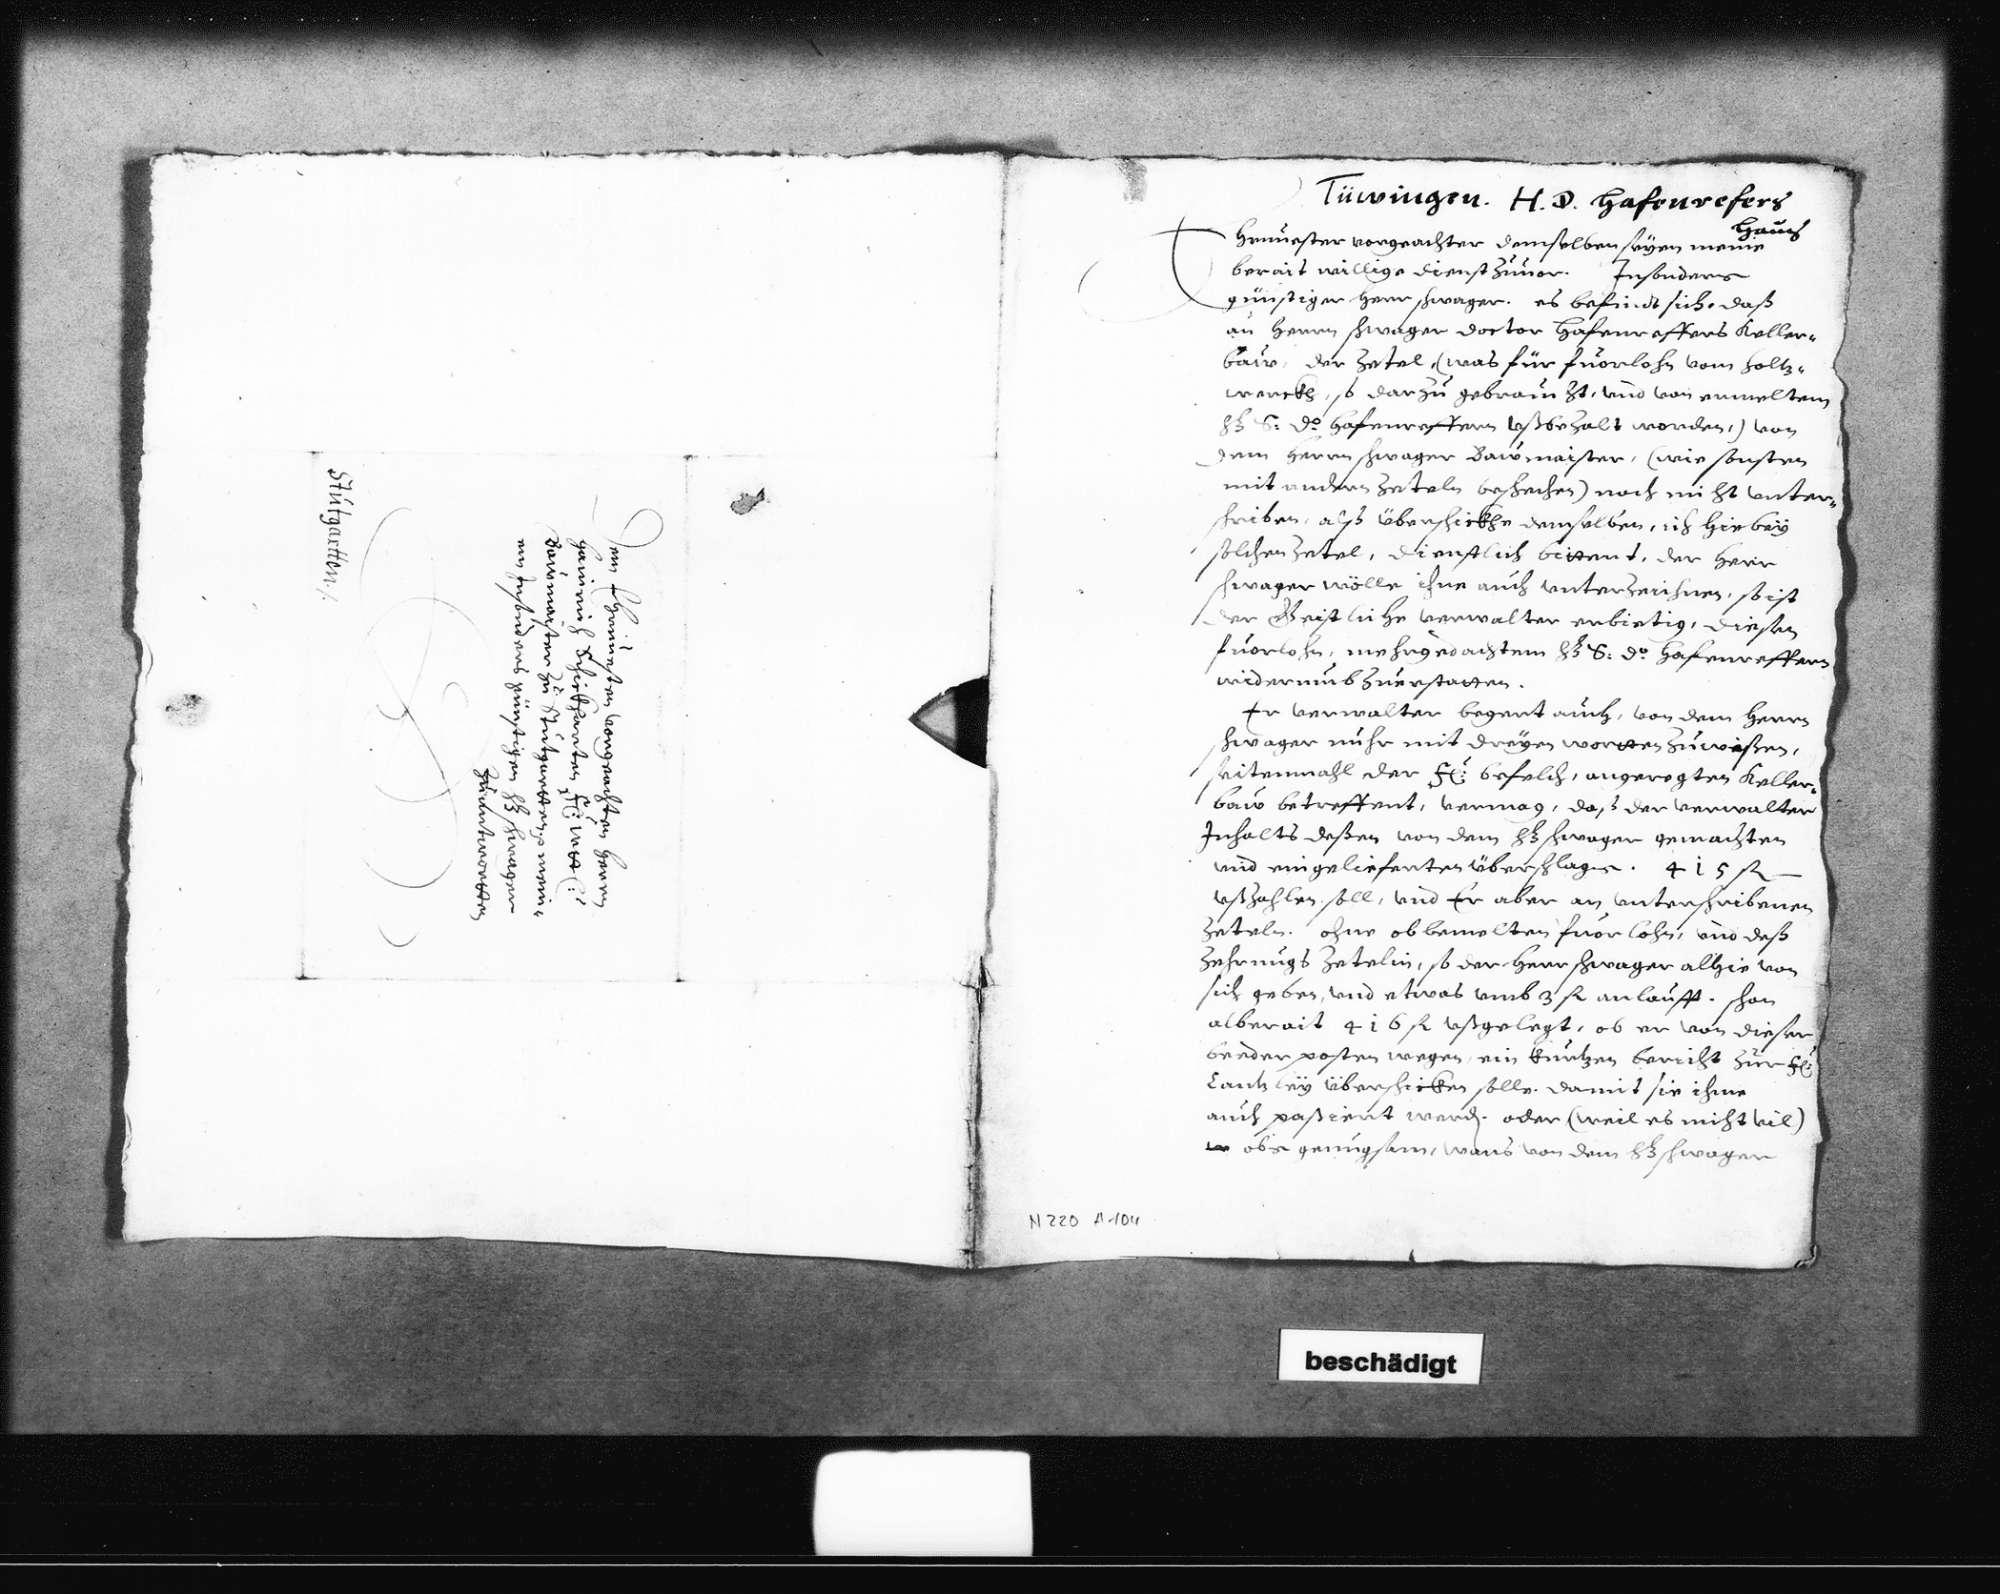 Entwurf eines Schreibens Schickhardts an den Herzog, 1616 (Folio); Schreiben Marx Besserers, Geistlicher Verwalter in Tübingen, zu den Arbeiten und der Bezahlung, 11. April 1616 (Folio); beiliegend eine Aufstellung zu den Arbeiten an einem Dach in Tübingen (Quart), Bild 3